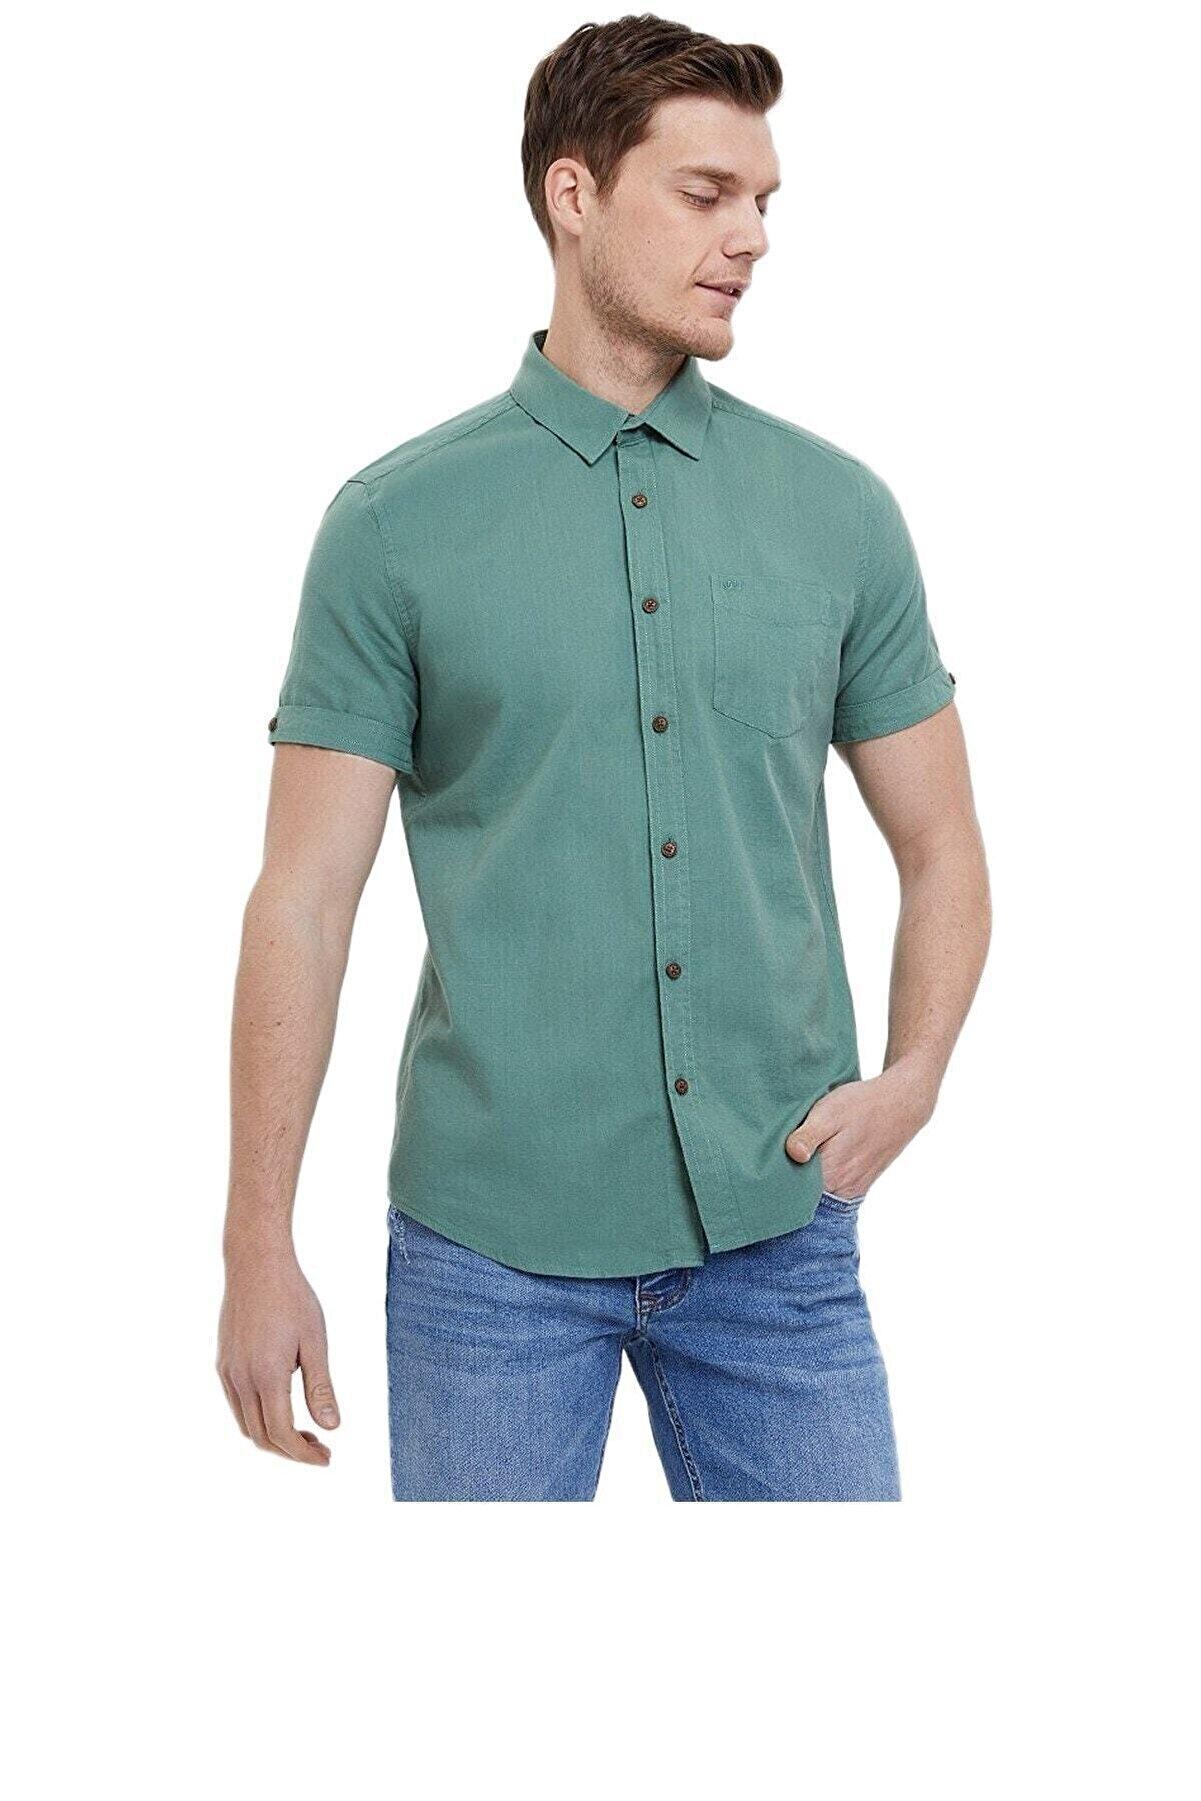 Loft Erkek Yeşil Gömlek 2024351